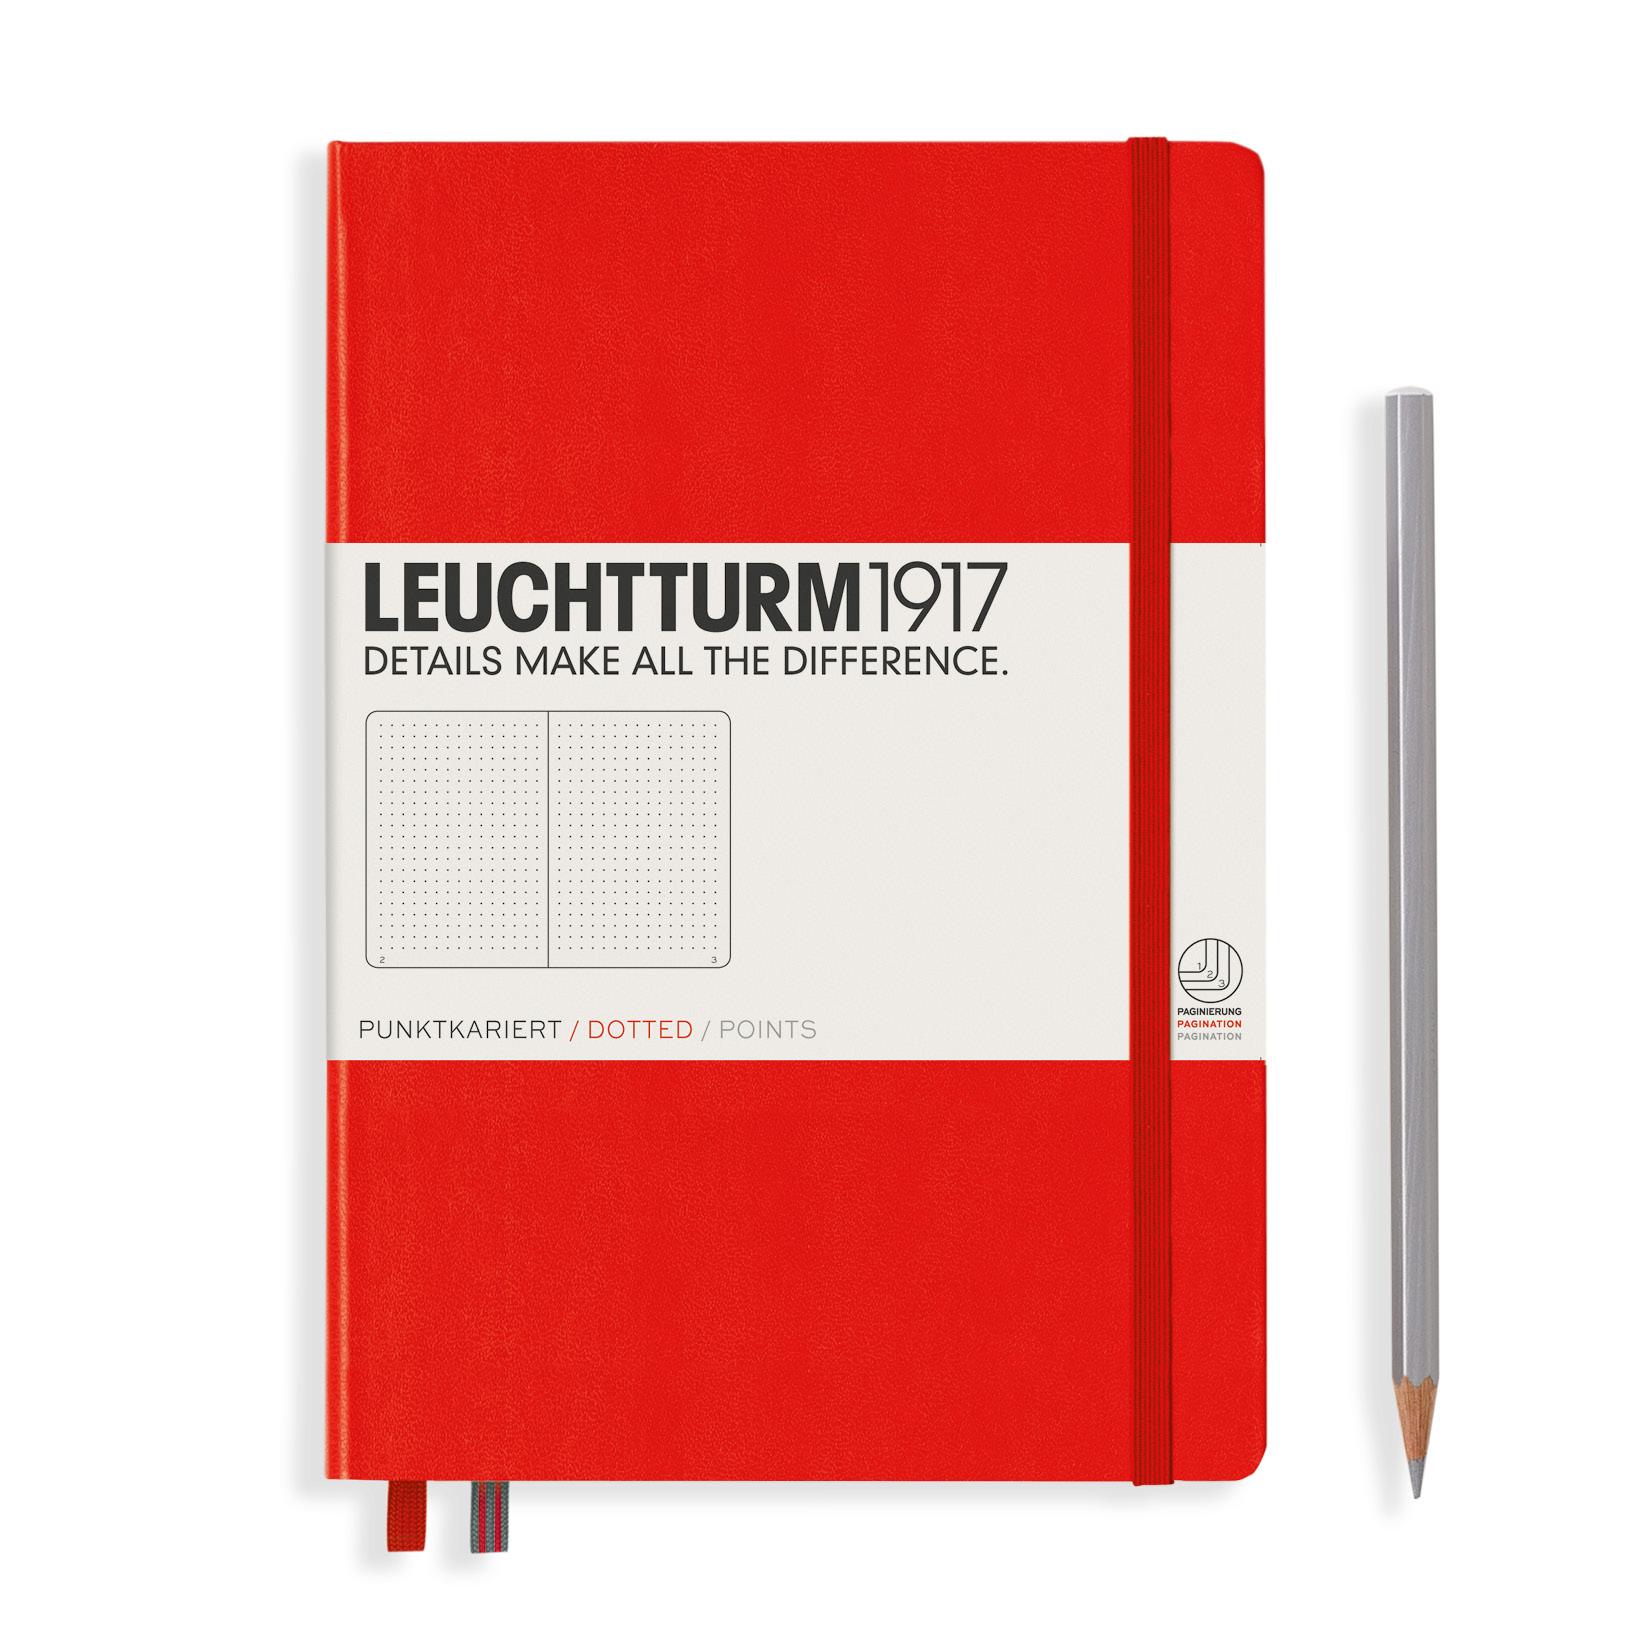 LEUCHTTURM 1917 德国灯塔 NoteBook A5硬皮 LEU-342925